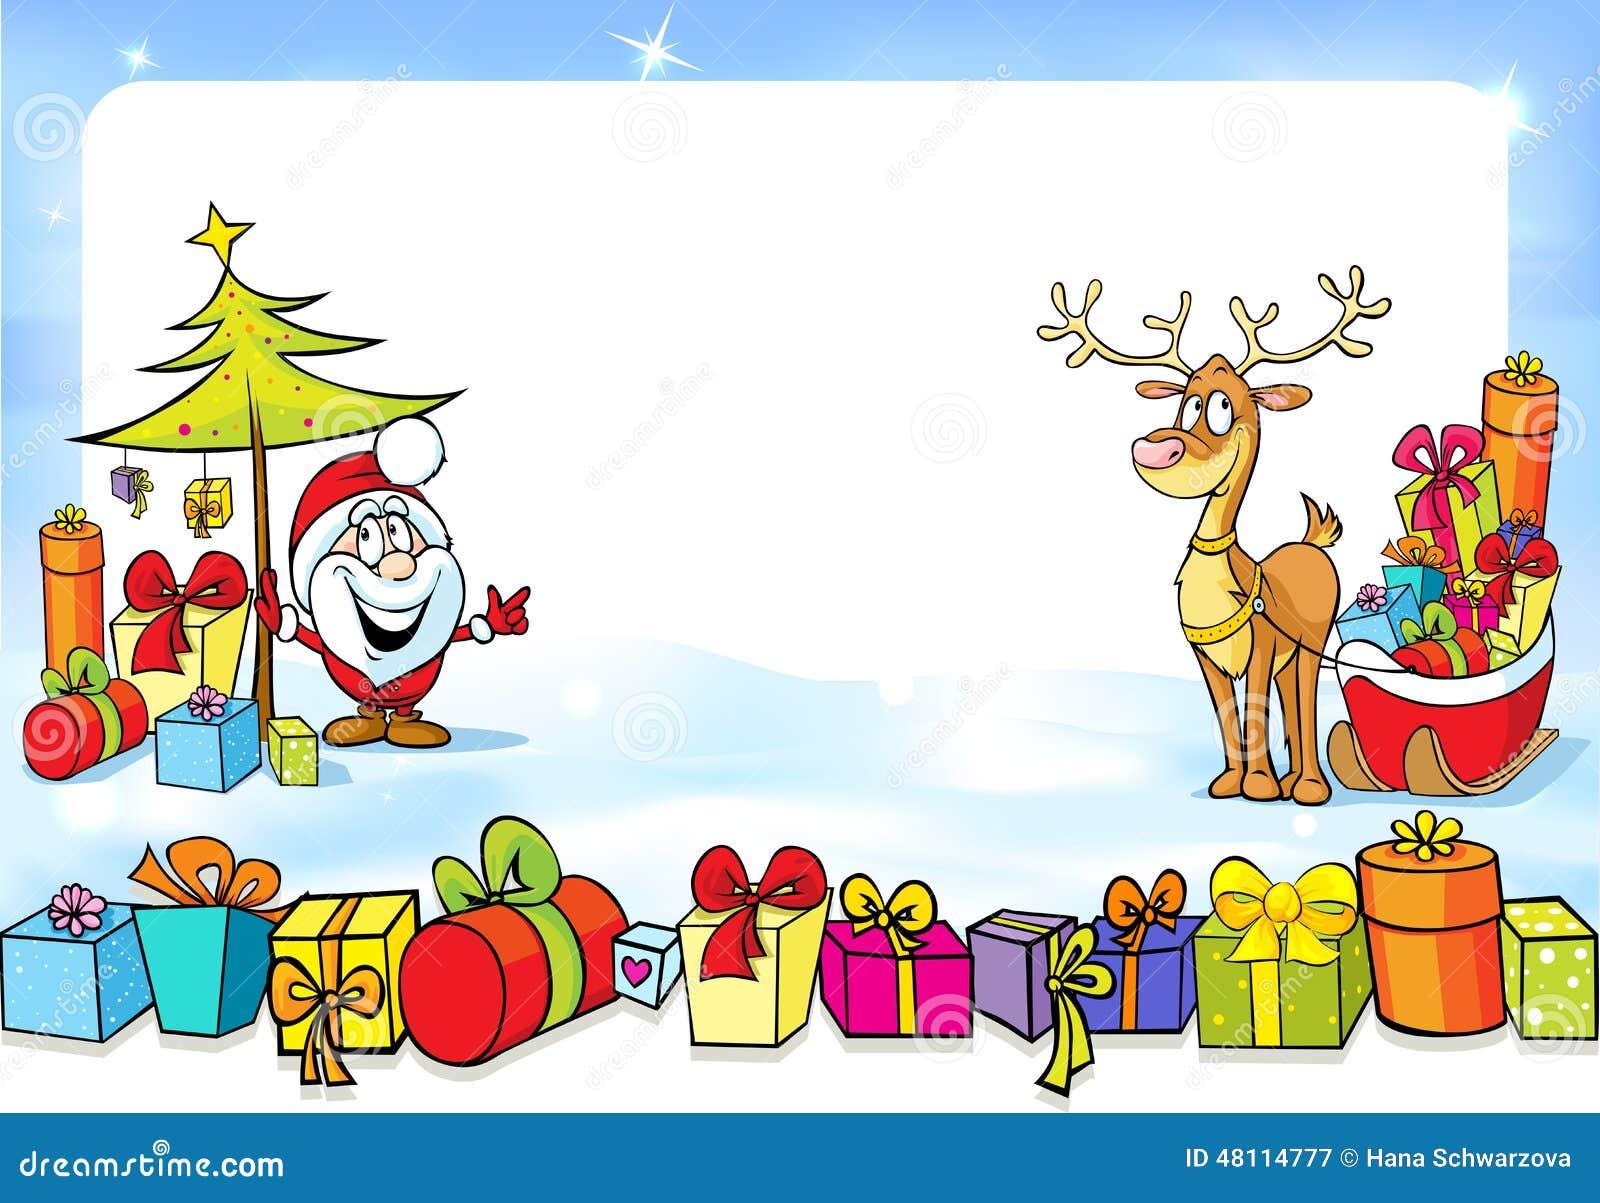 Marco Con Santa Claus Juegos De La Navidad Muchos Regalos Y Reno